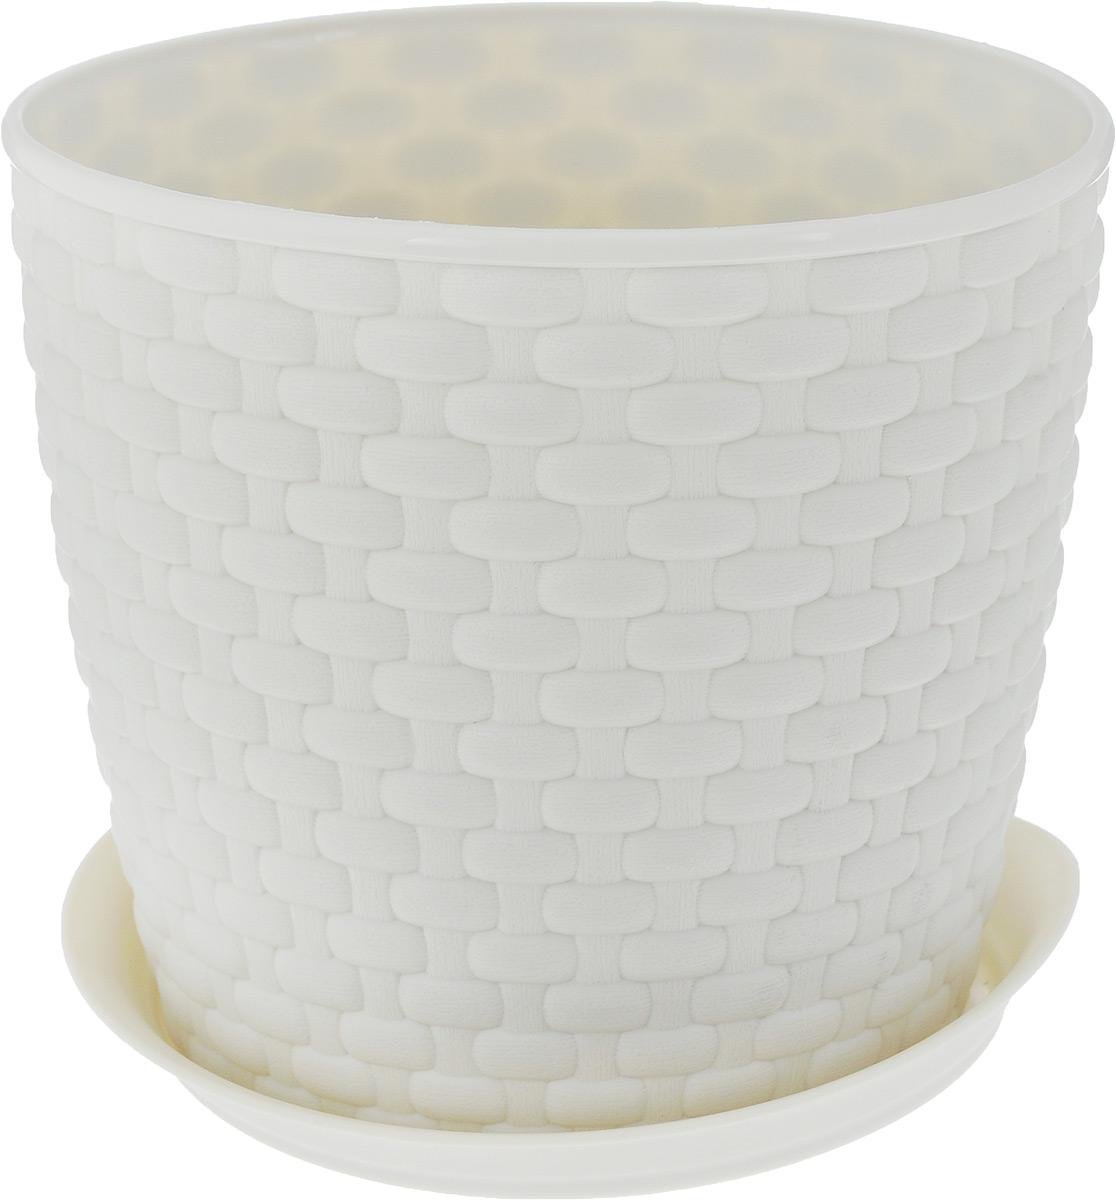 Кашпо Idea Ротанг, с поддоном, цвет: экрю, 2 лZ-0307Кашпо Idea Ротанг изготовлено из высококачественного пластика. Специальный поддон предназначен для стока воды. Изделие прекрасно подходит для выращивания растений и цветов в домашних условиях. Лаконичный дизайн впишется в интерьер любого помещения. Диаметр поддона: 15,5 см. Объем кашпо: 2 л.Диаметр кашпо по верхнему краю: 15,5 см.Высота кашпо: 13,5 см.